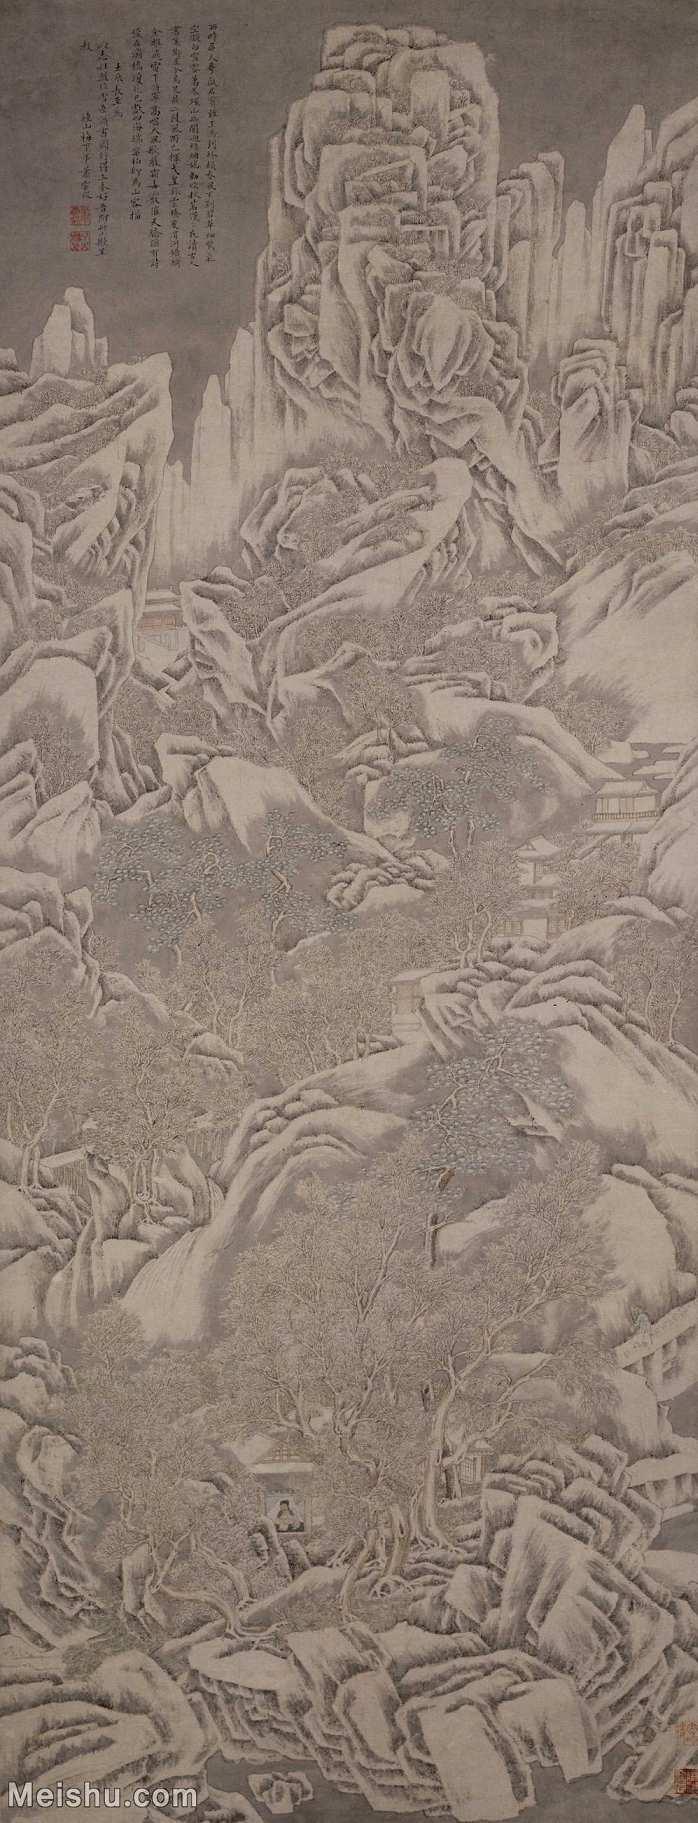 【打印级】GH6088169古画山水风景雪岳读书图-明-萧云从-纸本-30x78-高山林立轴图片-57M-2770X72